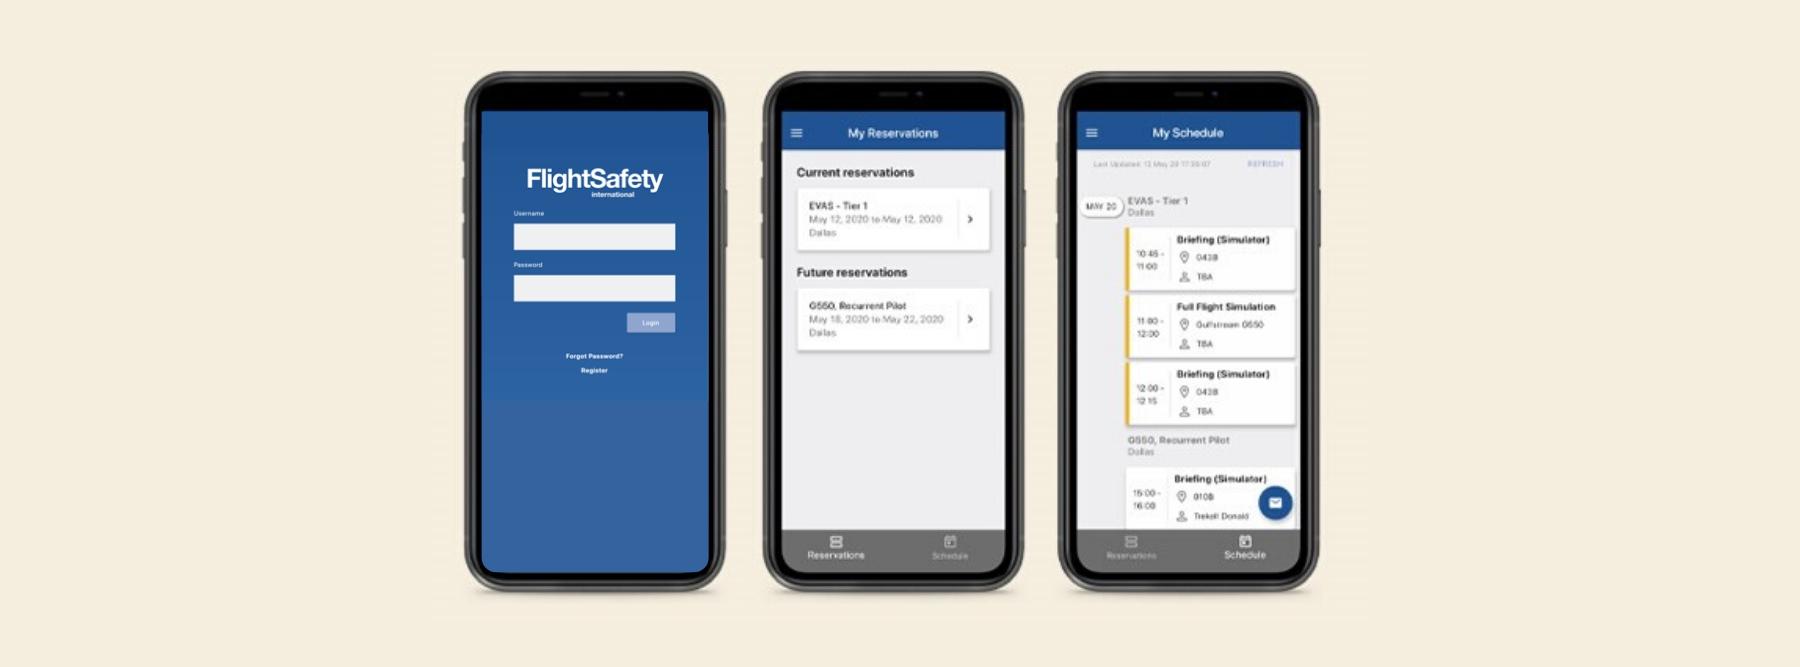 FlightSafety App